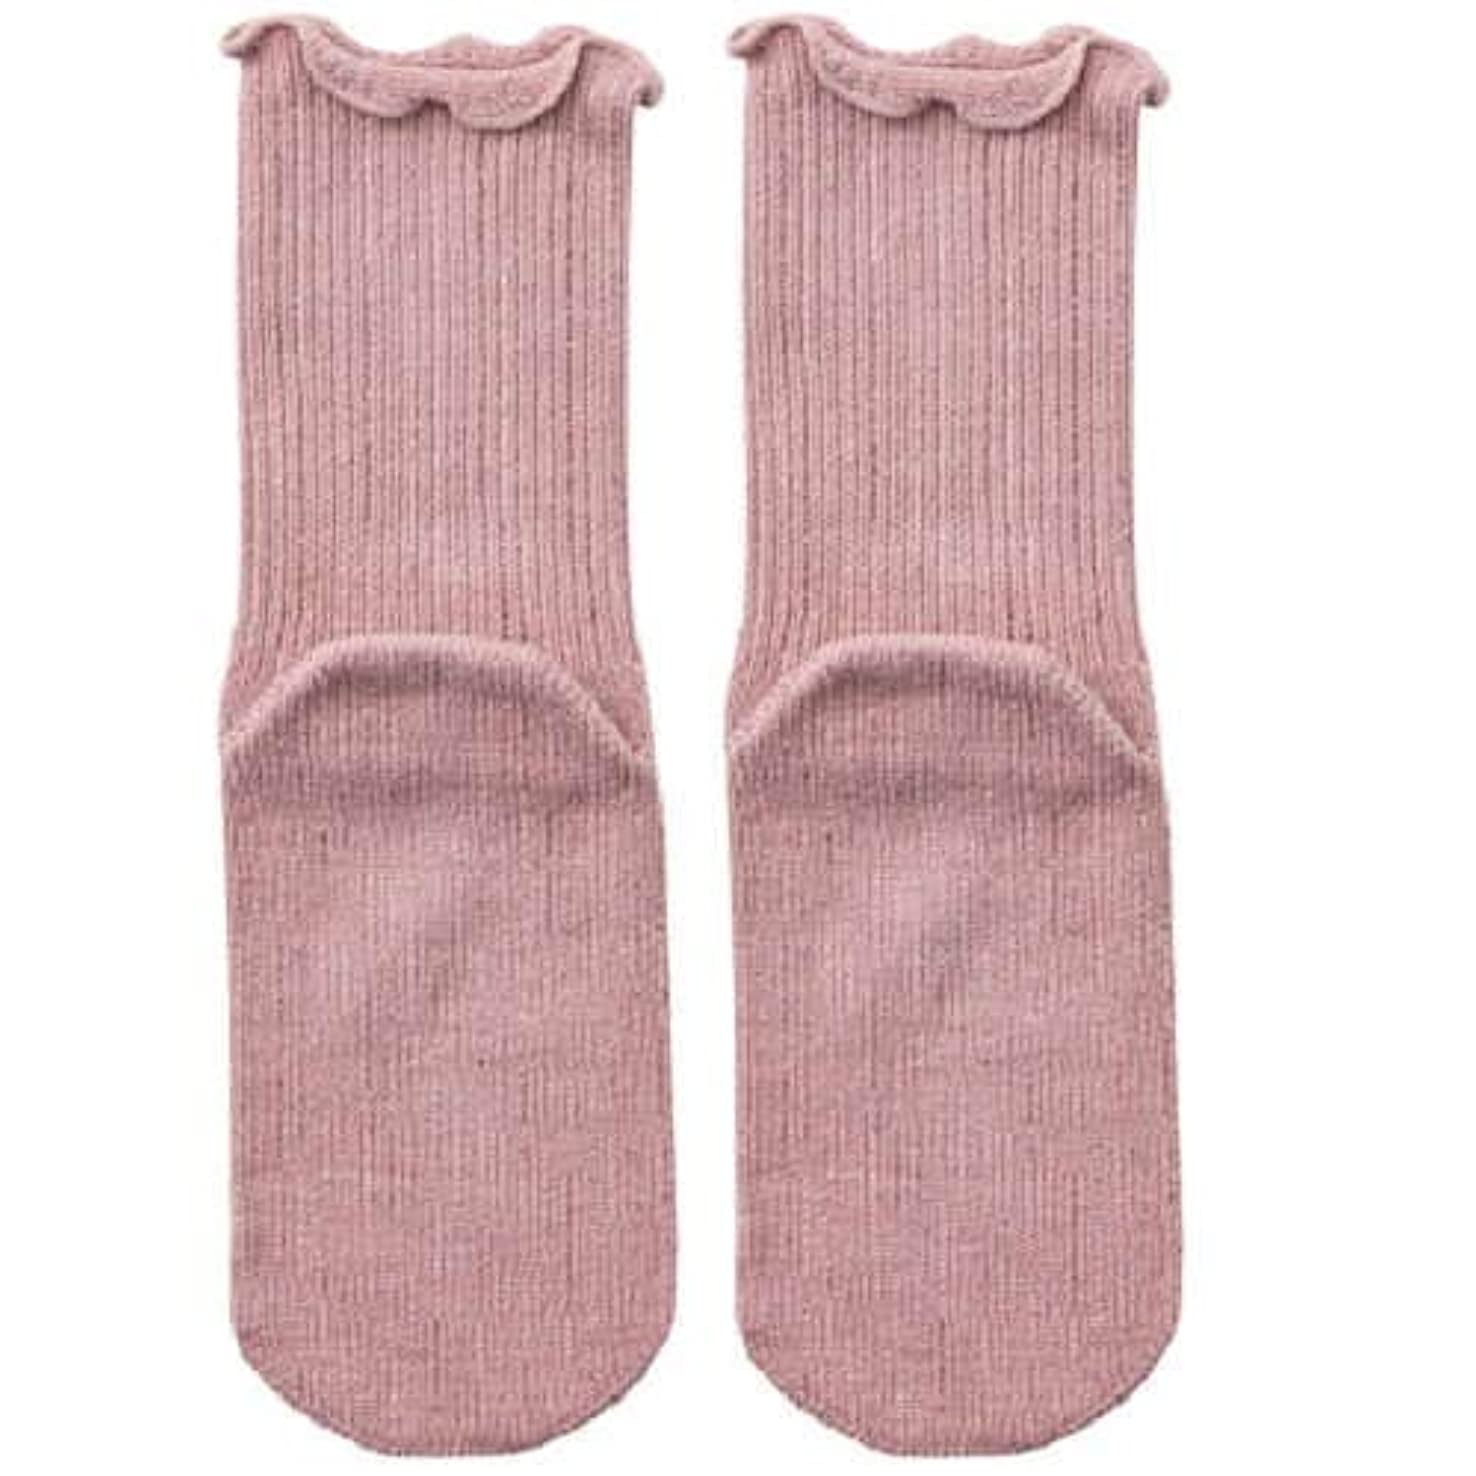 【むくみ】【骨折】 男女兼用 極上しめつけません 特大サイズ 靴下 (ローズ)